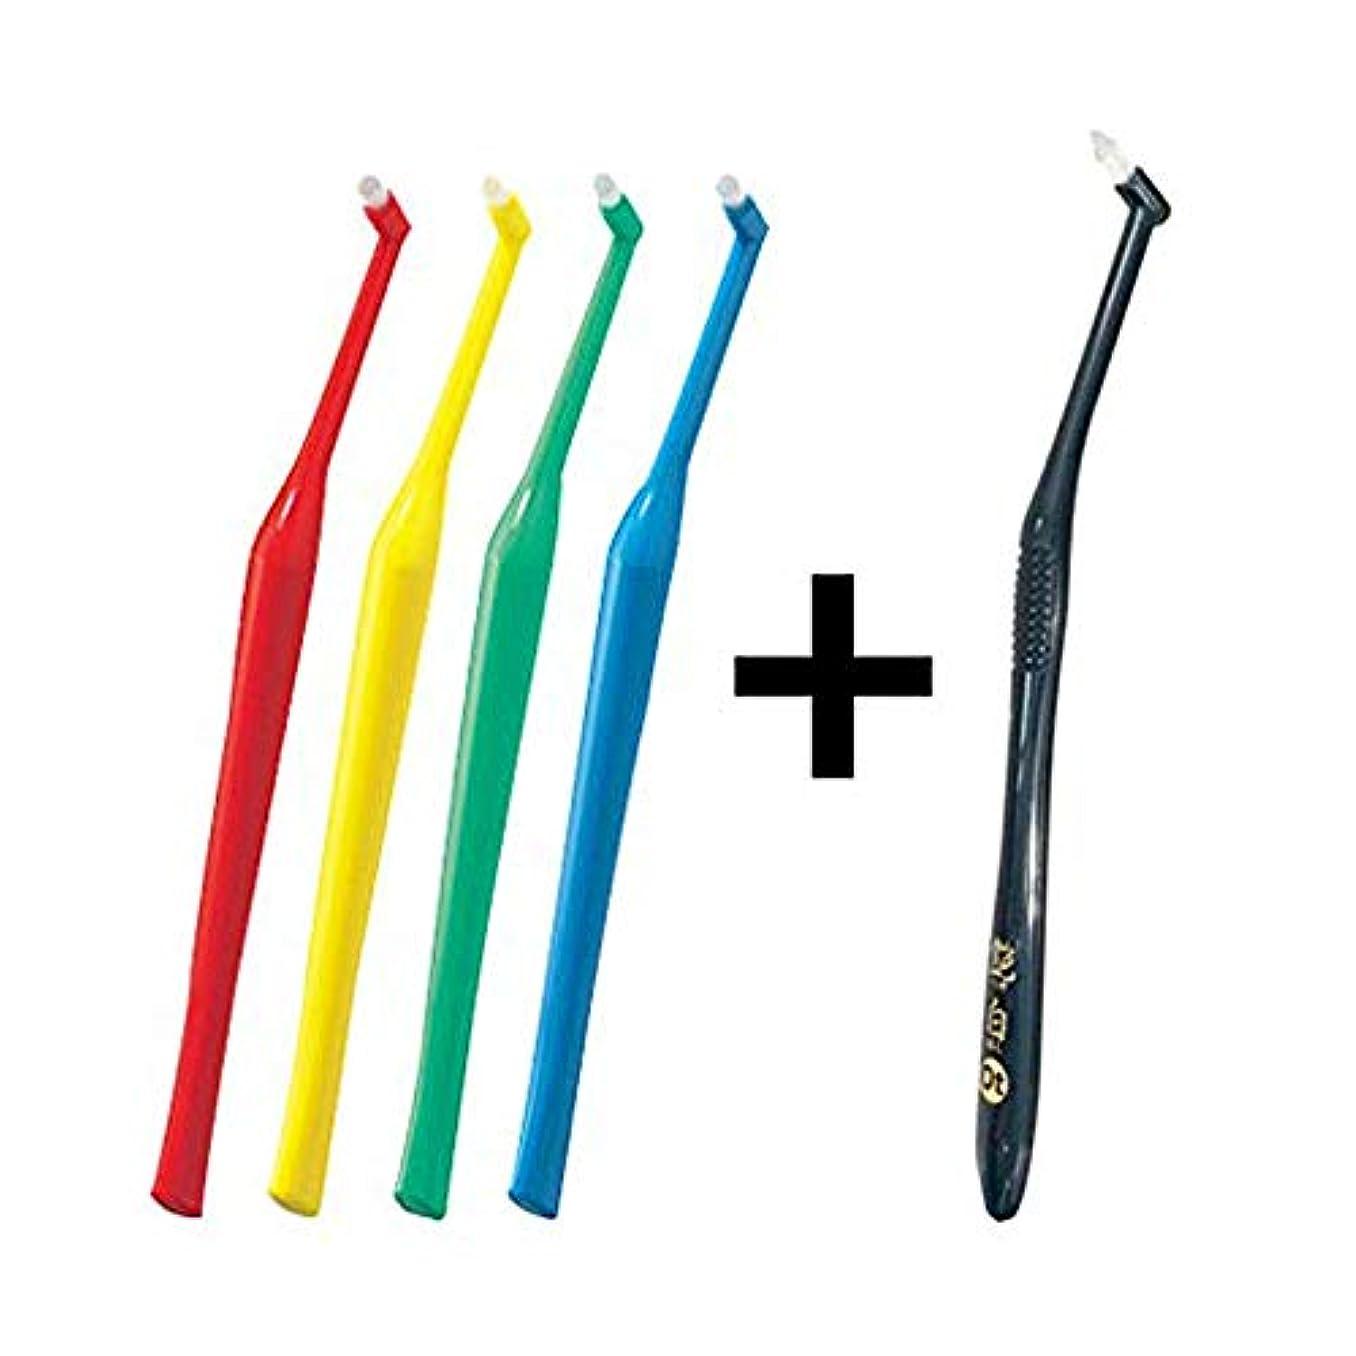 軽量温かいリープラウト Plaut × 4本 アソート (S(ソフト))+艶白ワンタフト 歯ブラシ 1本 SS(とてもやわらかめ)